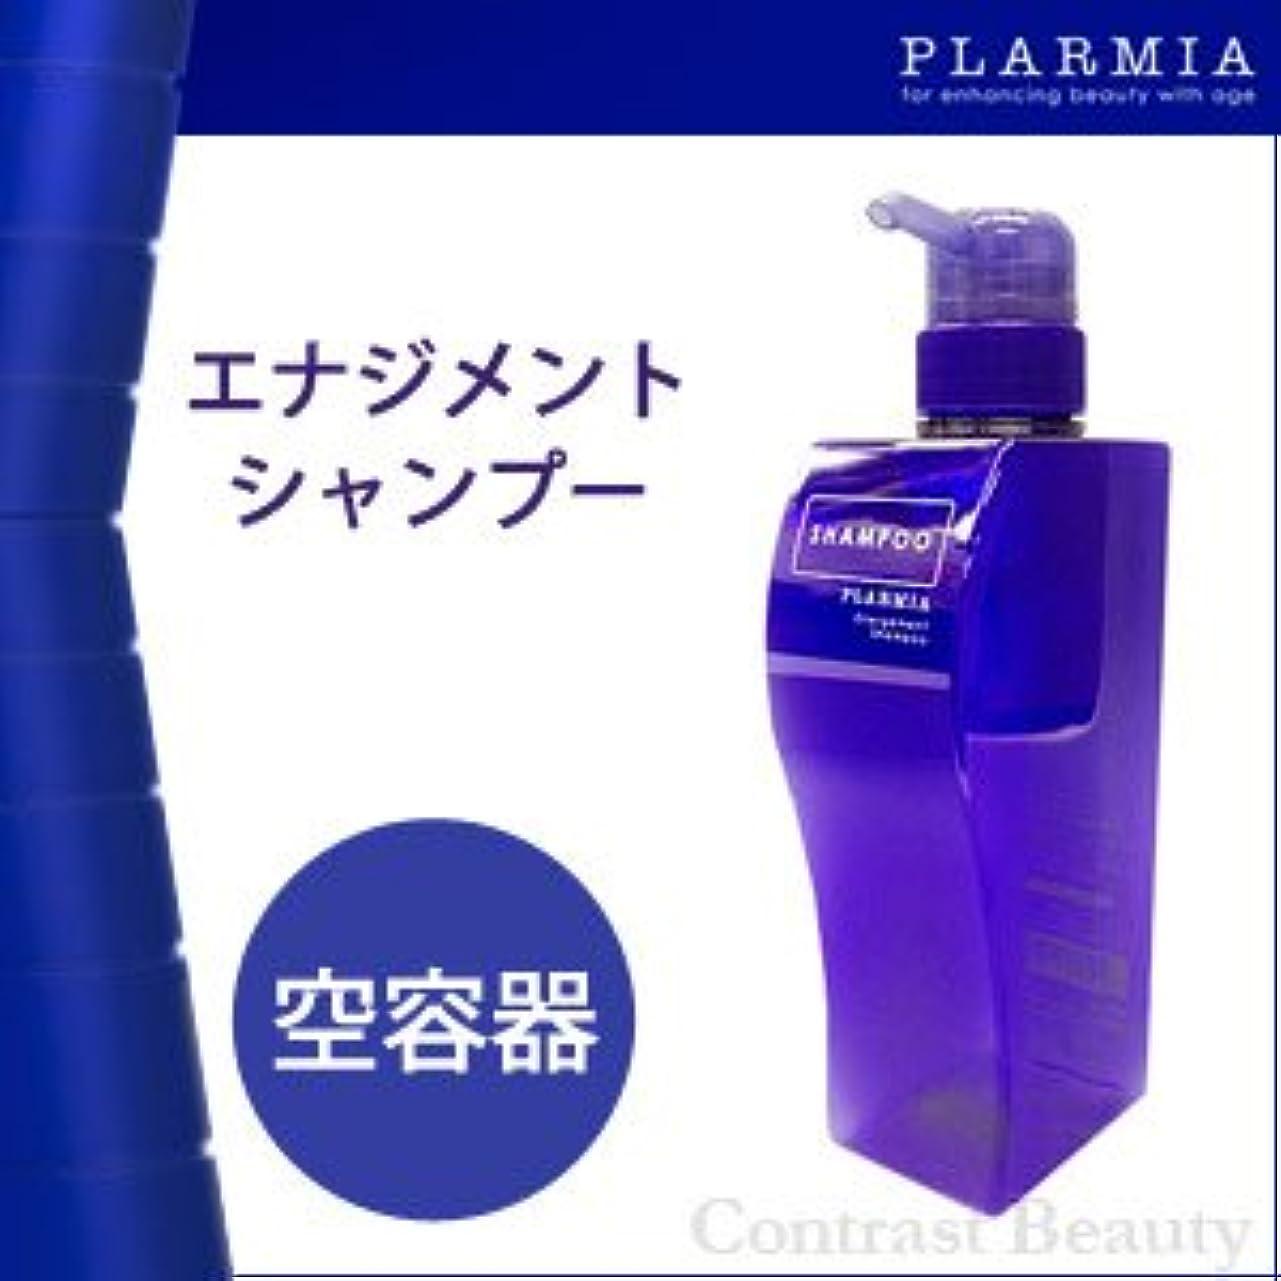 商標昇るお勧め【X3個セット】 ミルボン プラーミア エナジメントシャンプー 空容器